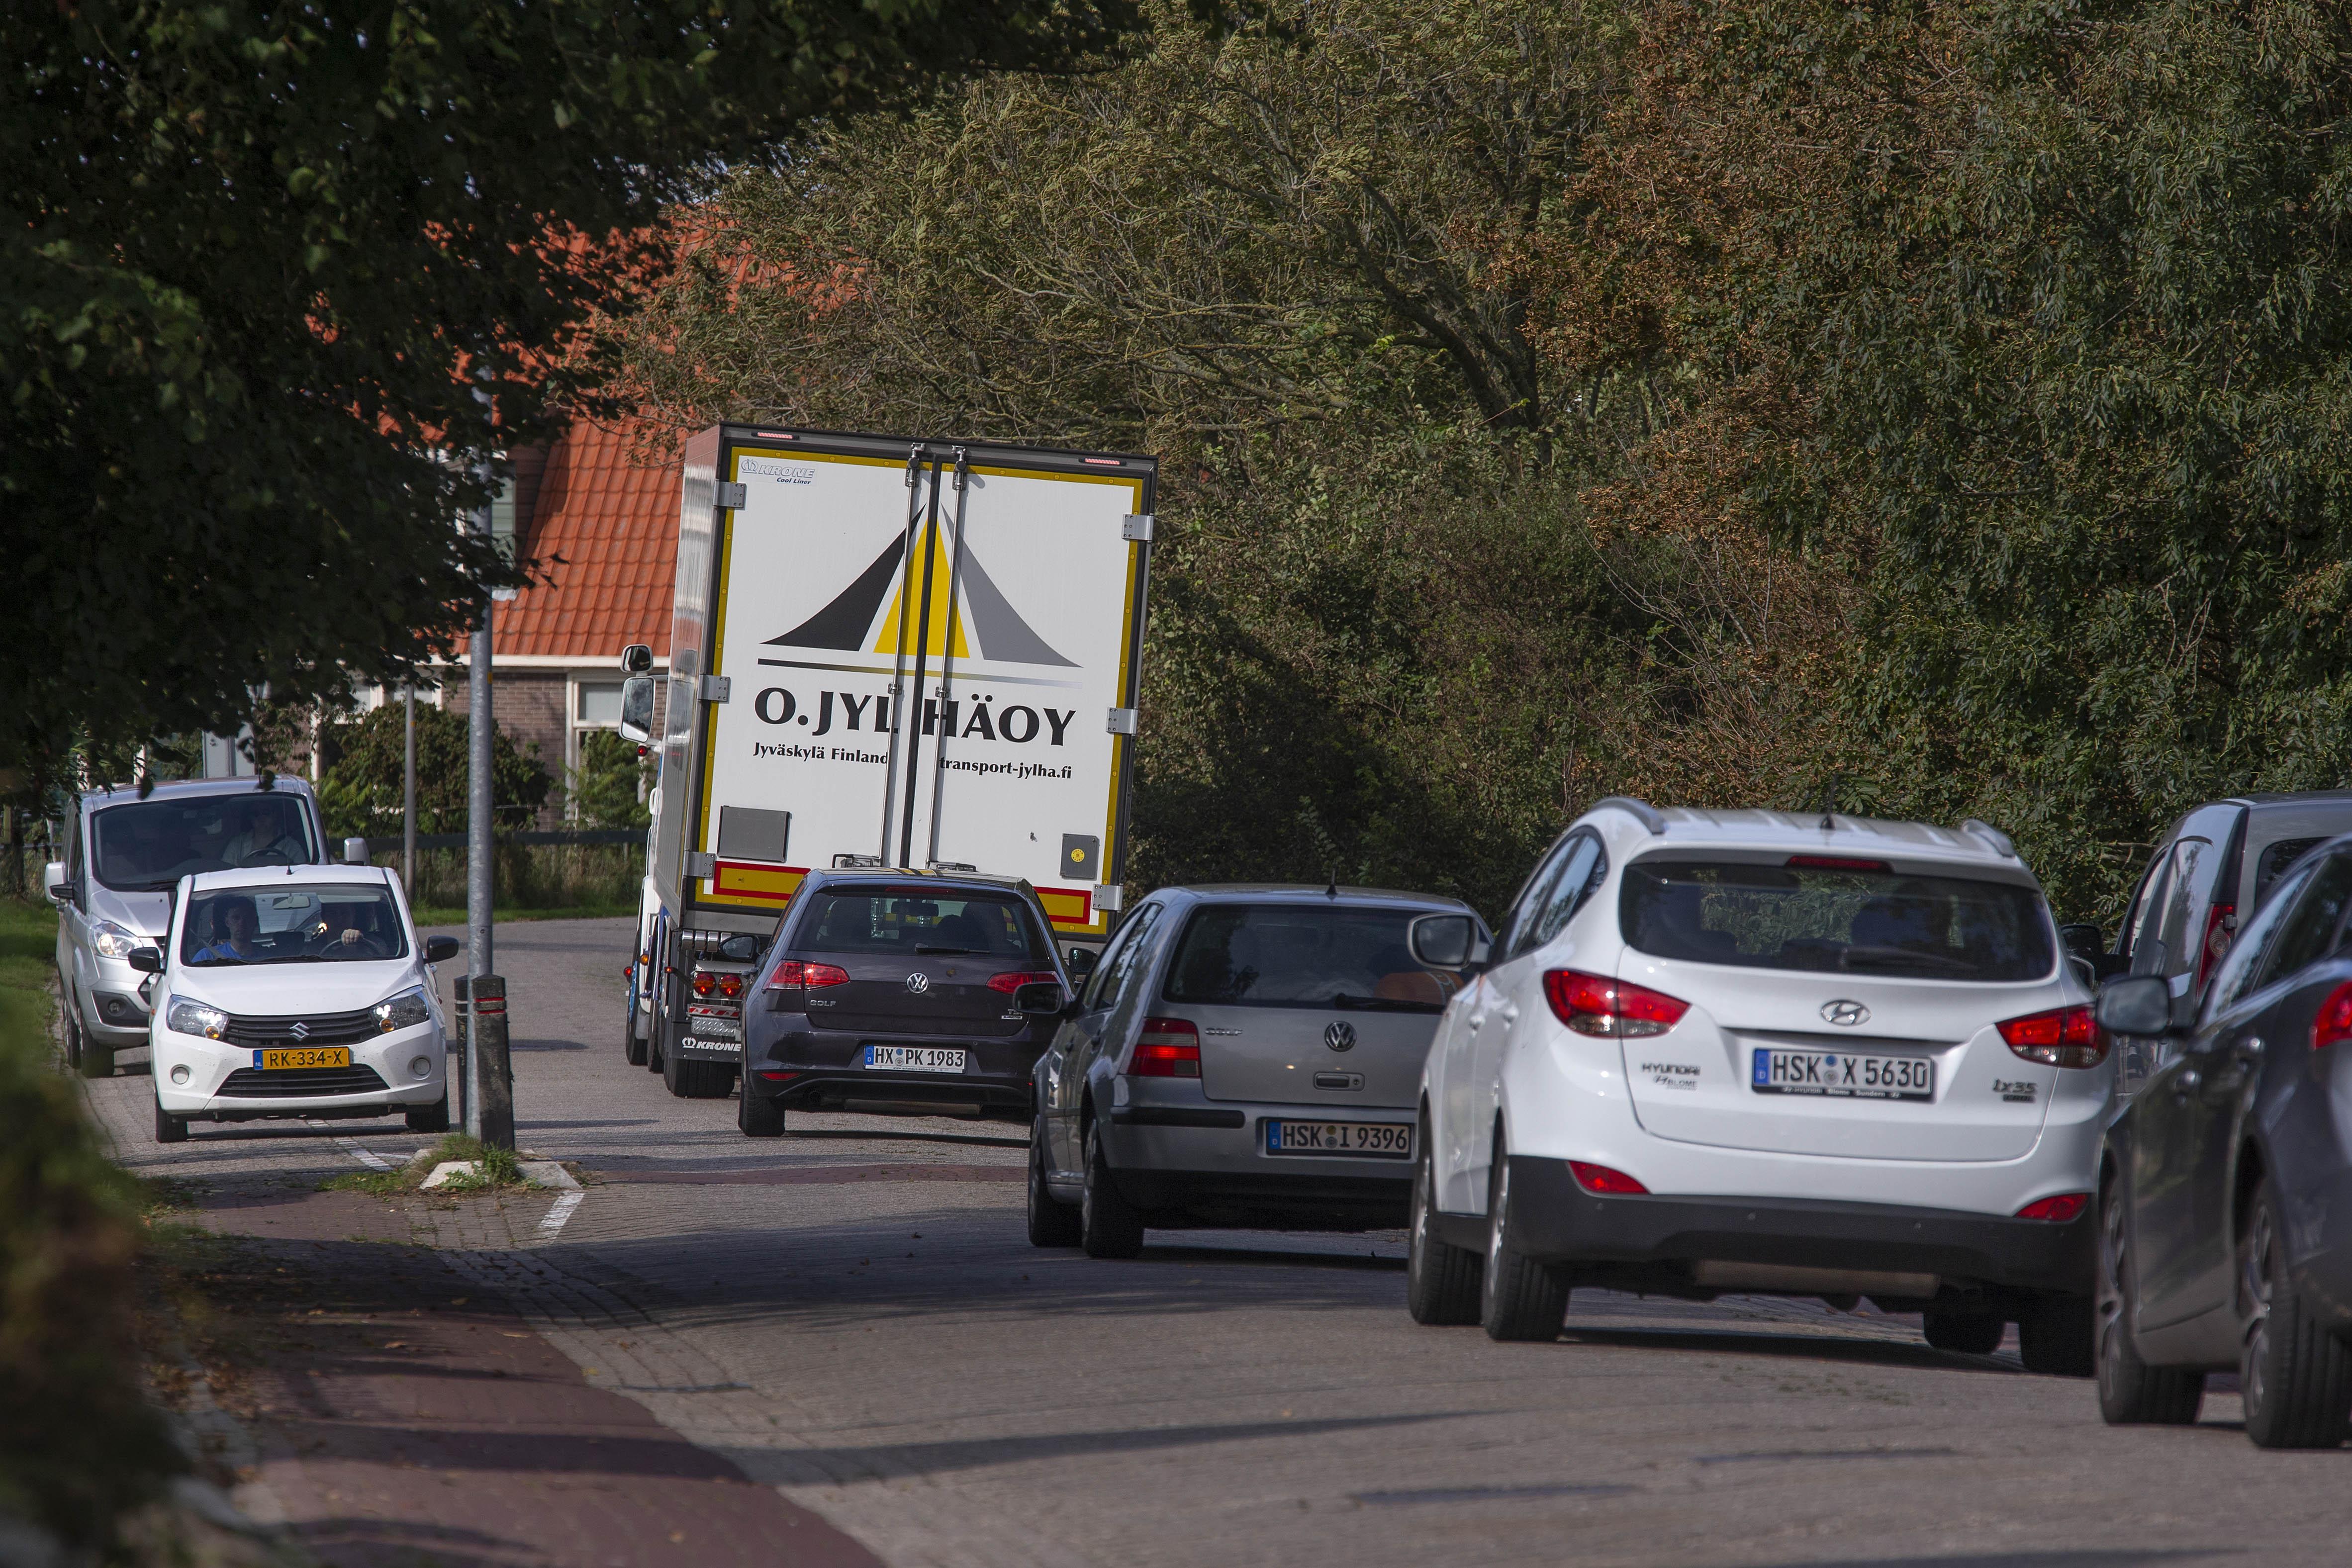 Verbod op vrachtwagens door Westerland is niet haalbaar, blijkt uit onderzoek politie en gemeente